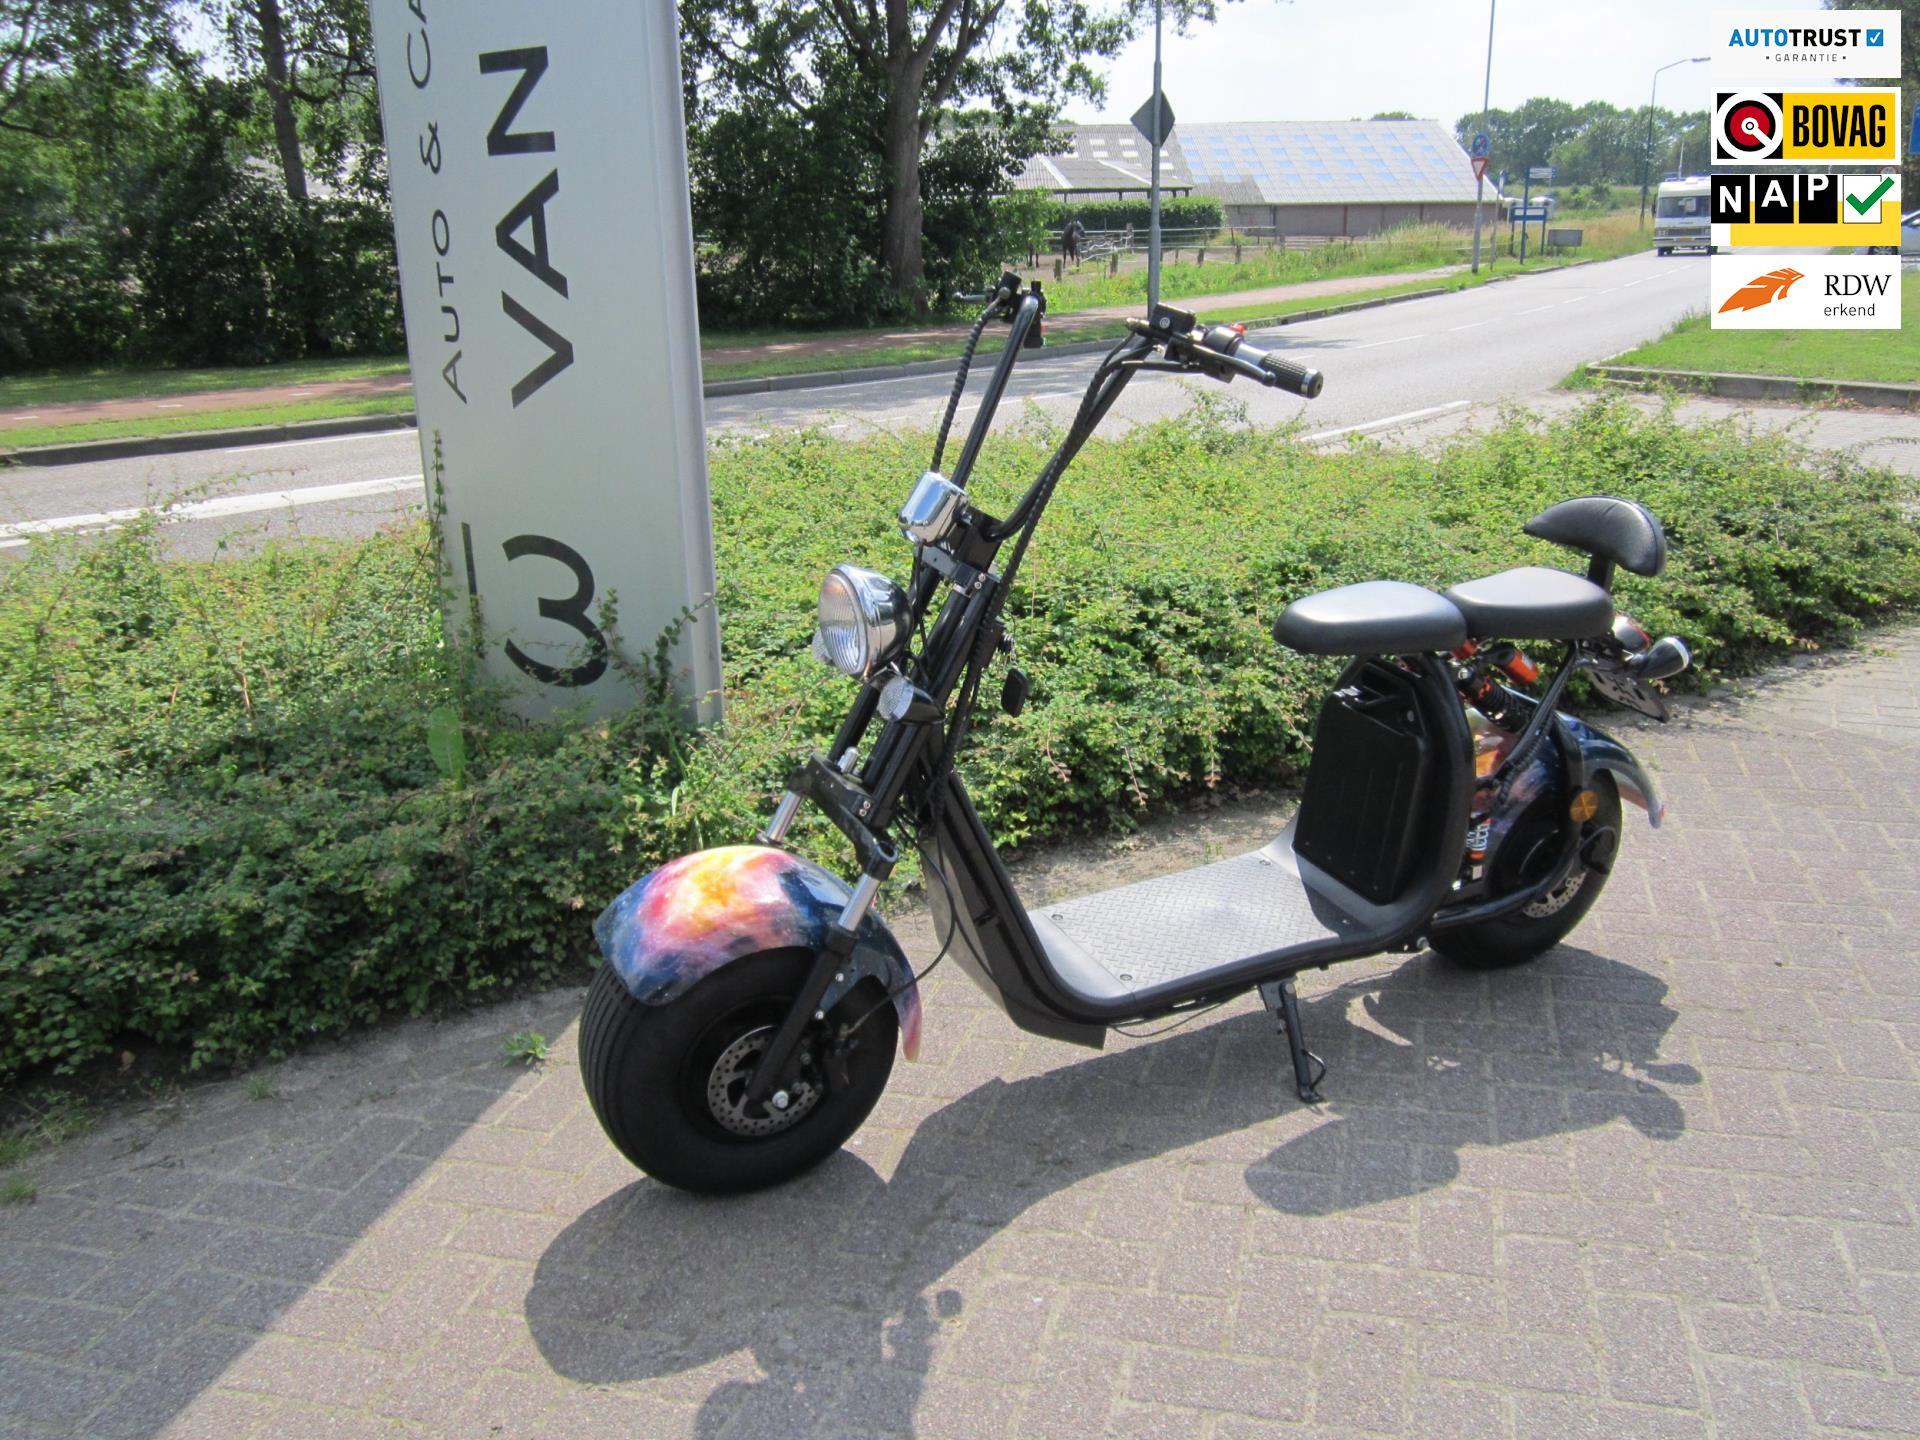 Move 2 FENDER occasion - Auto en Cabriocentrum van Herk